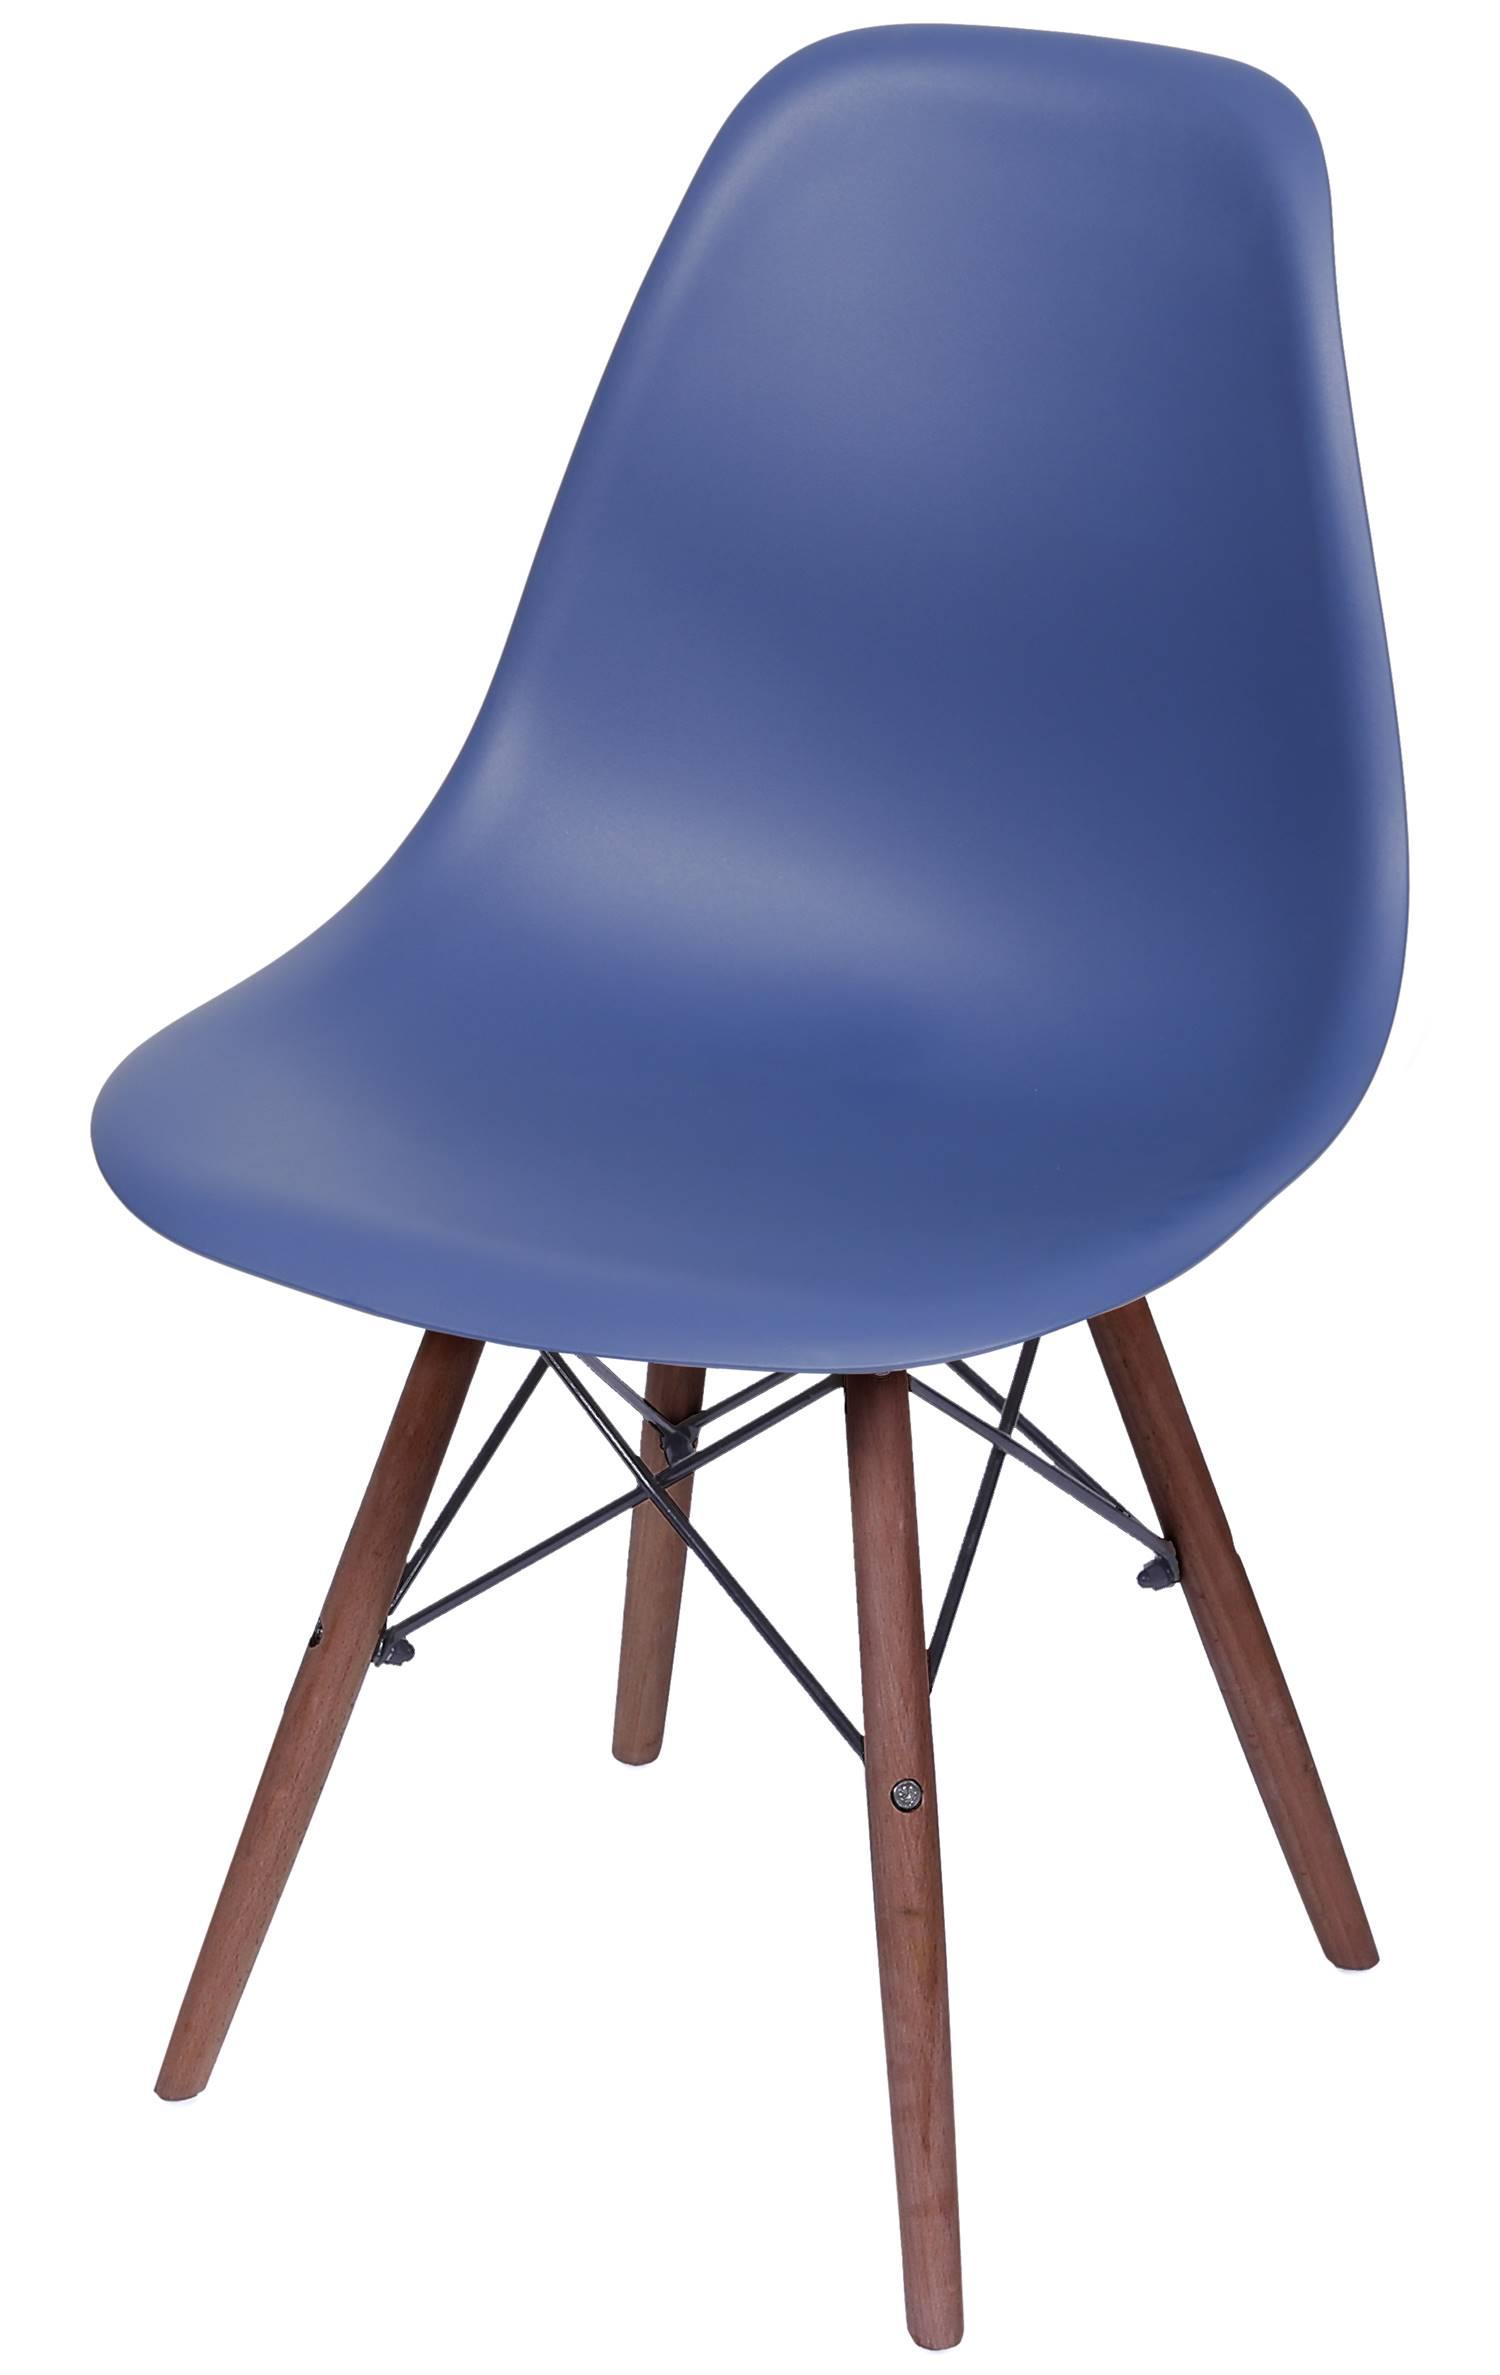 Cadeira Eames Polipropileno Azul Marinho Fosco Base Escura - 49336